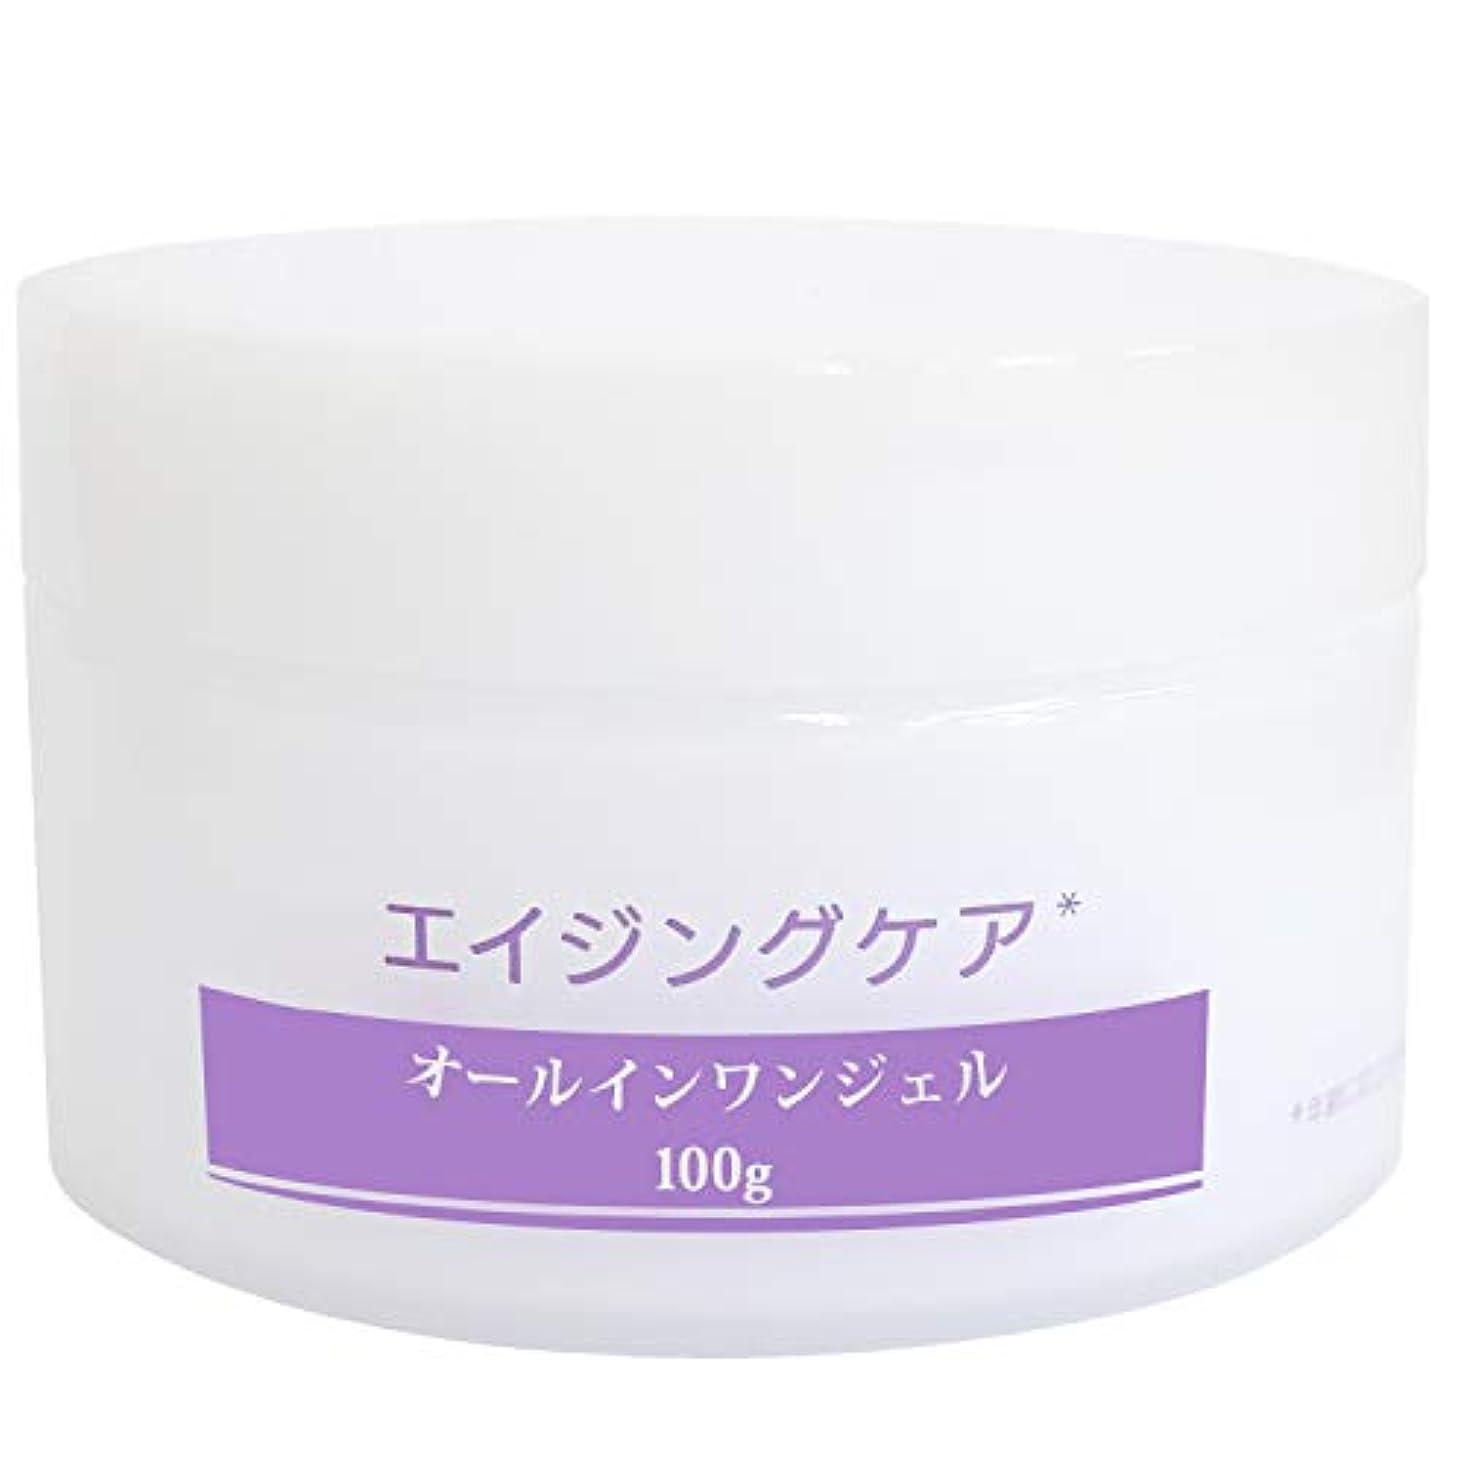 会社気候の山あらゆる種類のオールインワンジェル メンズ 化粧水 美容液 保湿クリーム オールインワン エイジングケア スキンケア リンクルケア 男性 乾燥小じわを目立たなくする 大容量 100g